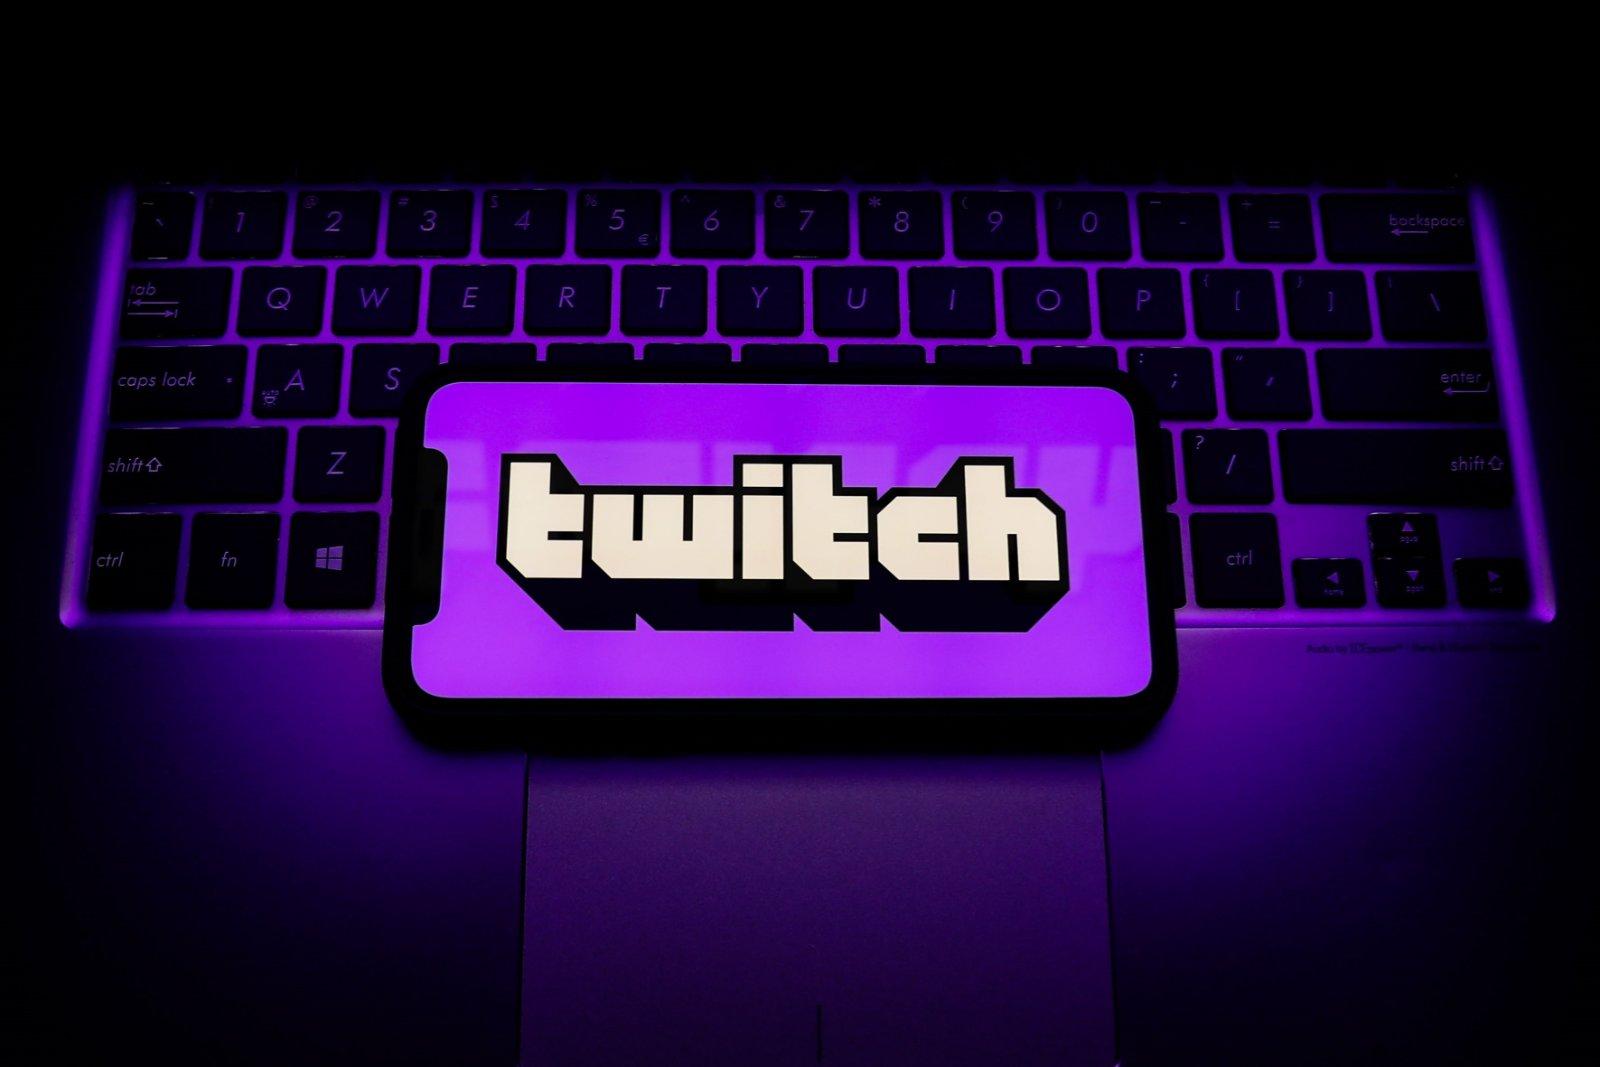 Incluso durante las vacaciones, la audiencia de Twitch sigue aumentando.